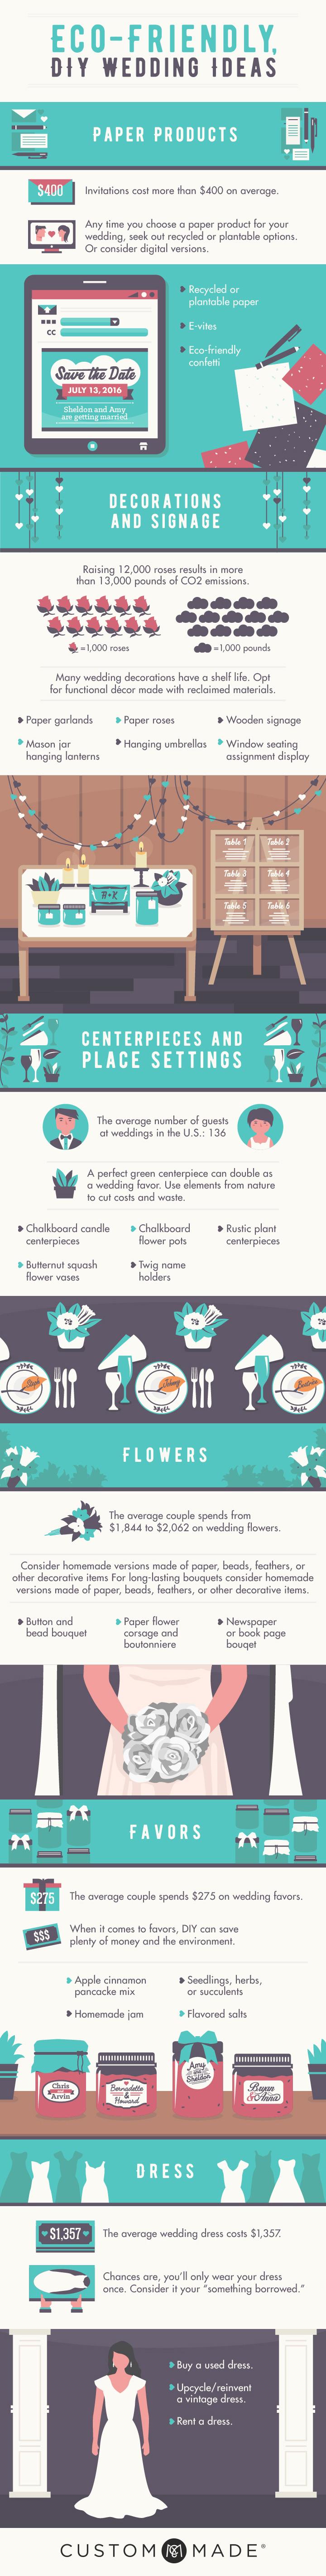 24 Eco-Friendly, DIY Wedding Ideas